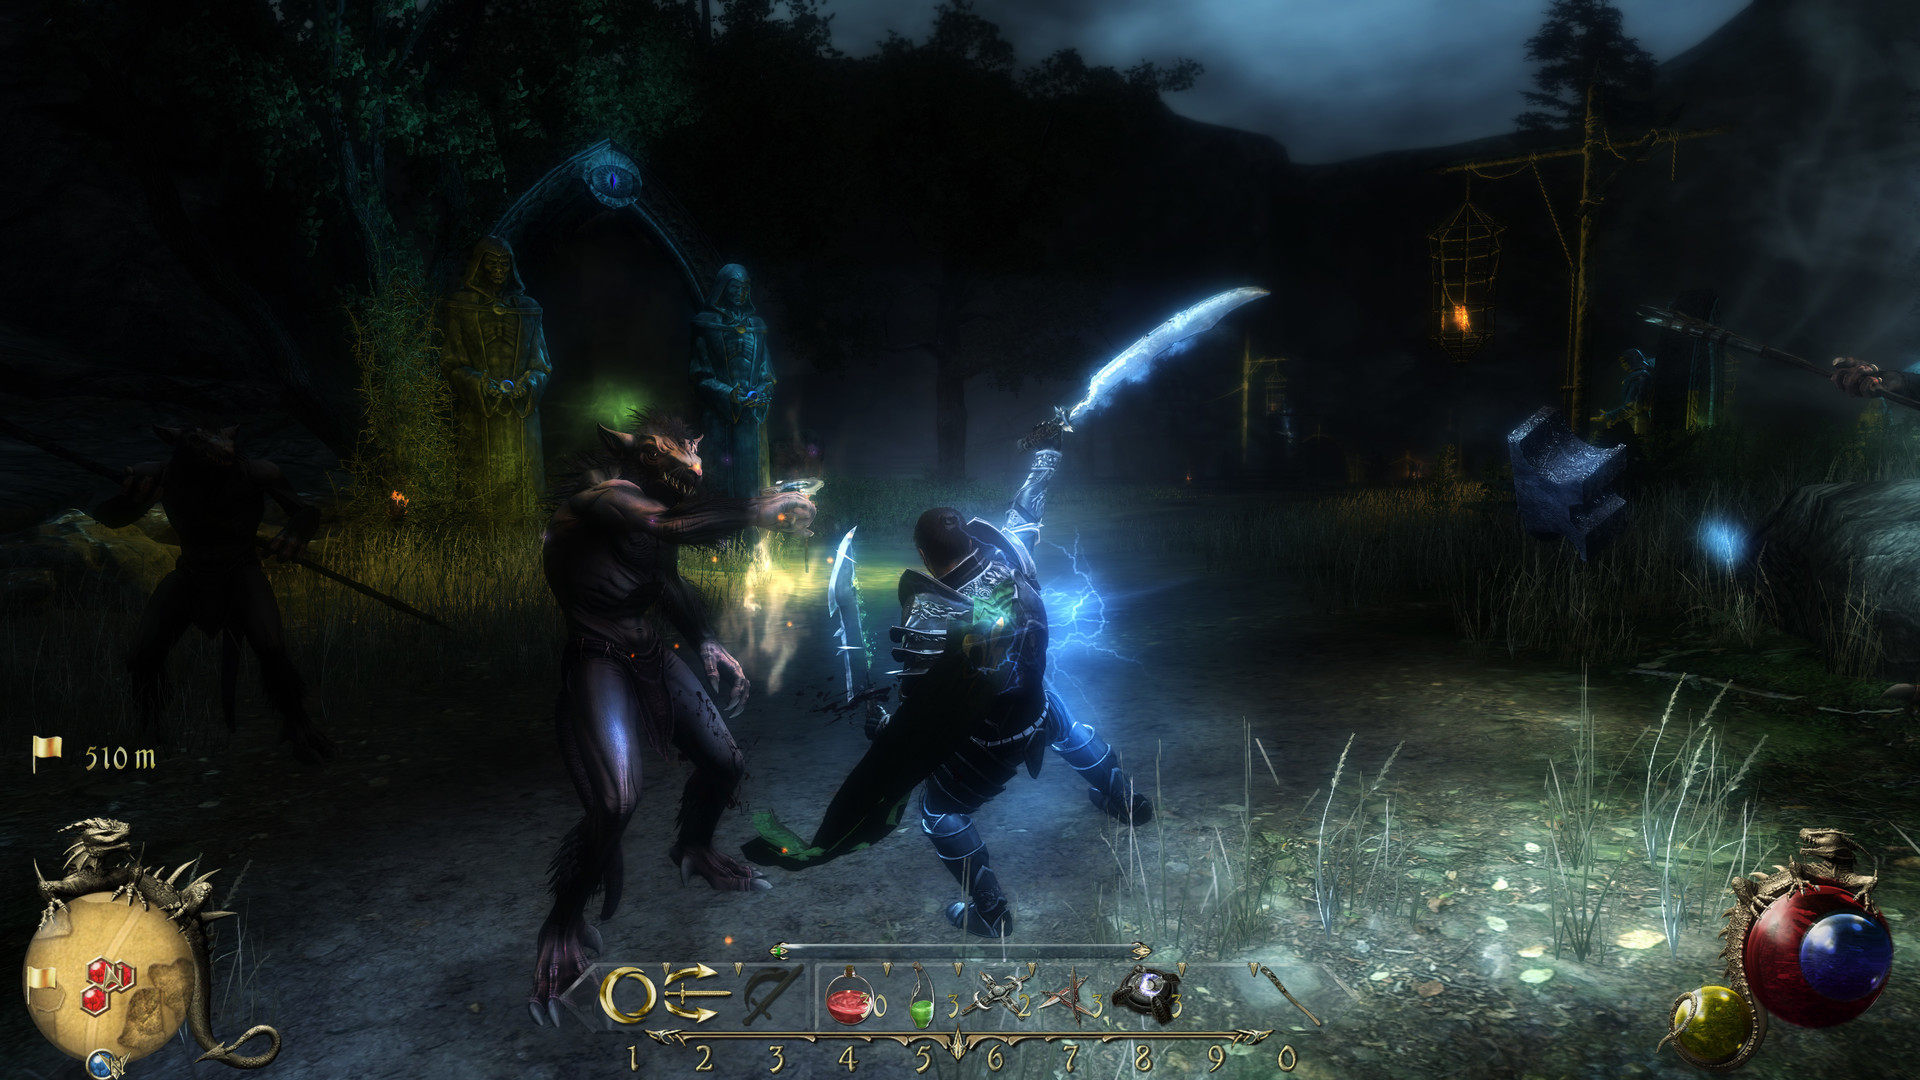 Two Worlds II - Call of the Tenebrae Screenshot 2